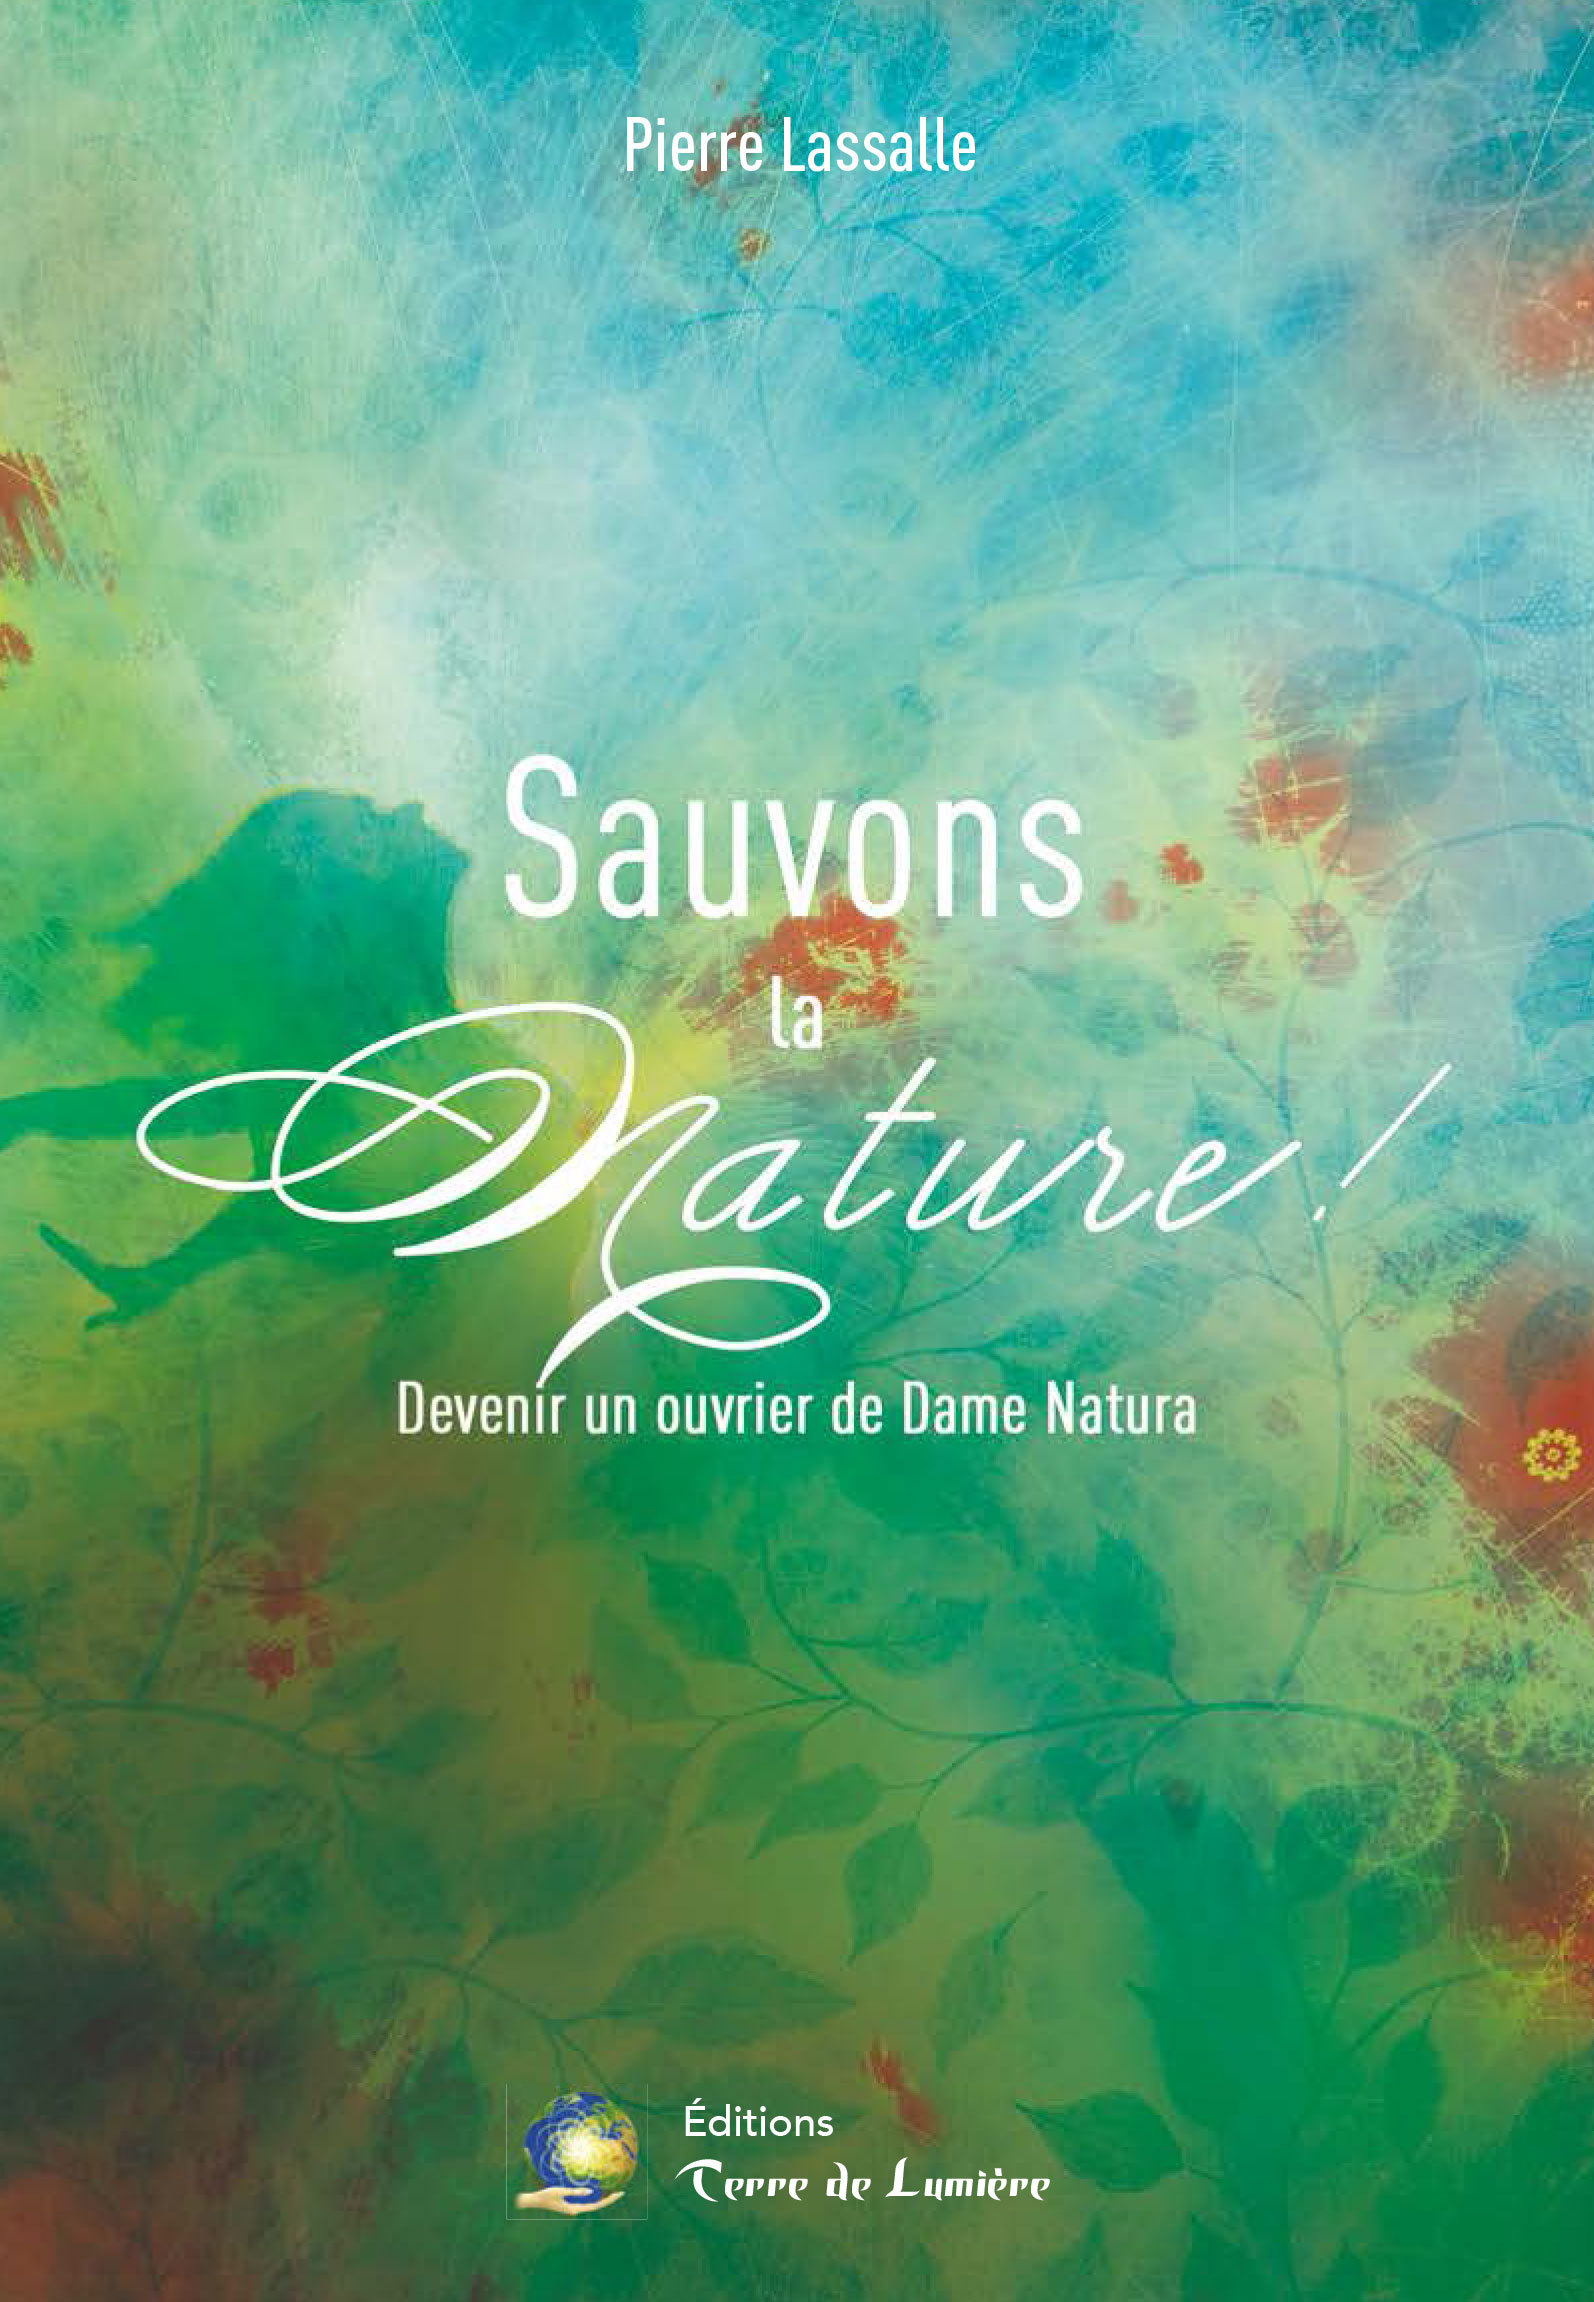 SAUVONS LA NATURE ! DEVENIR UN OUVRIER DE DAME NATURA